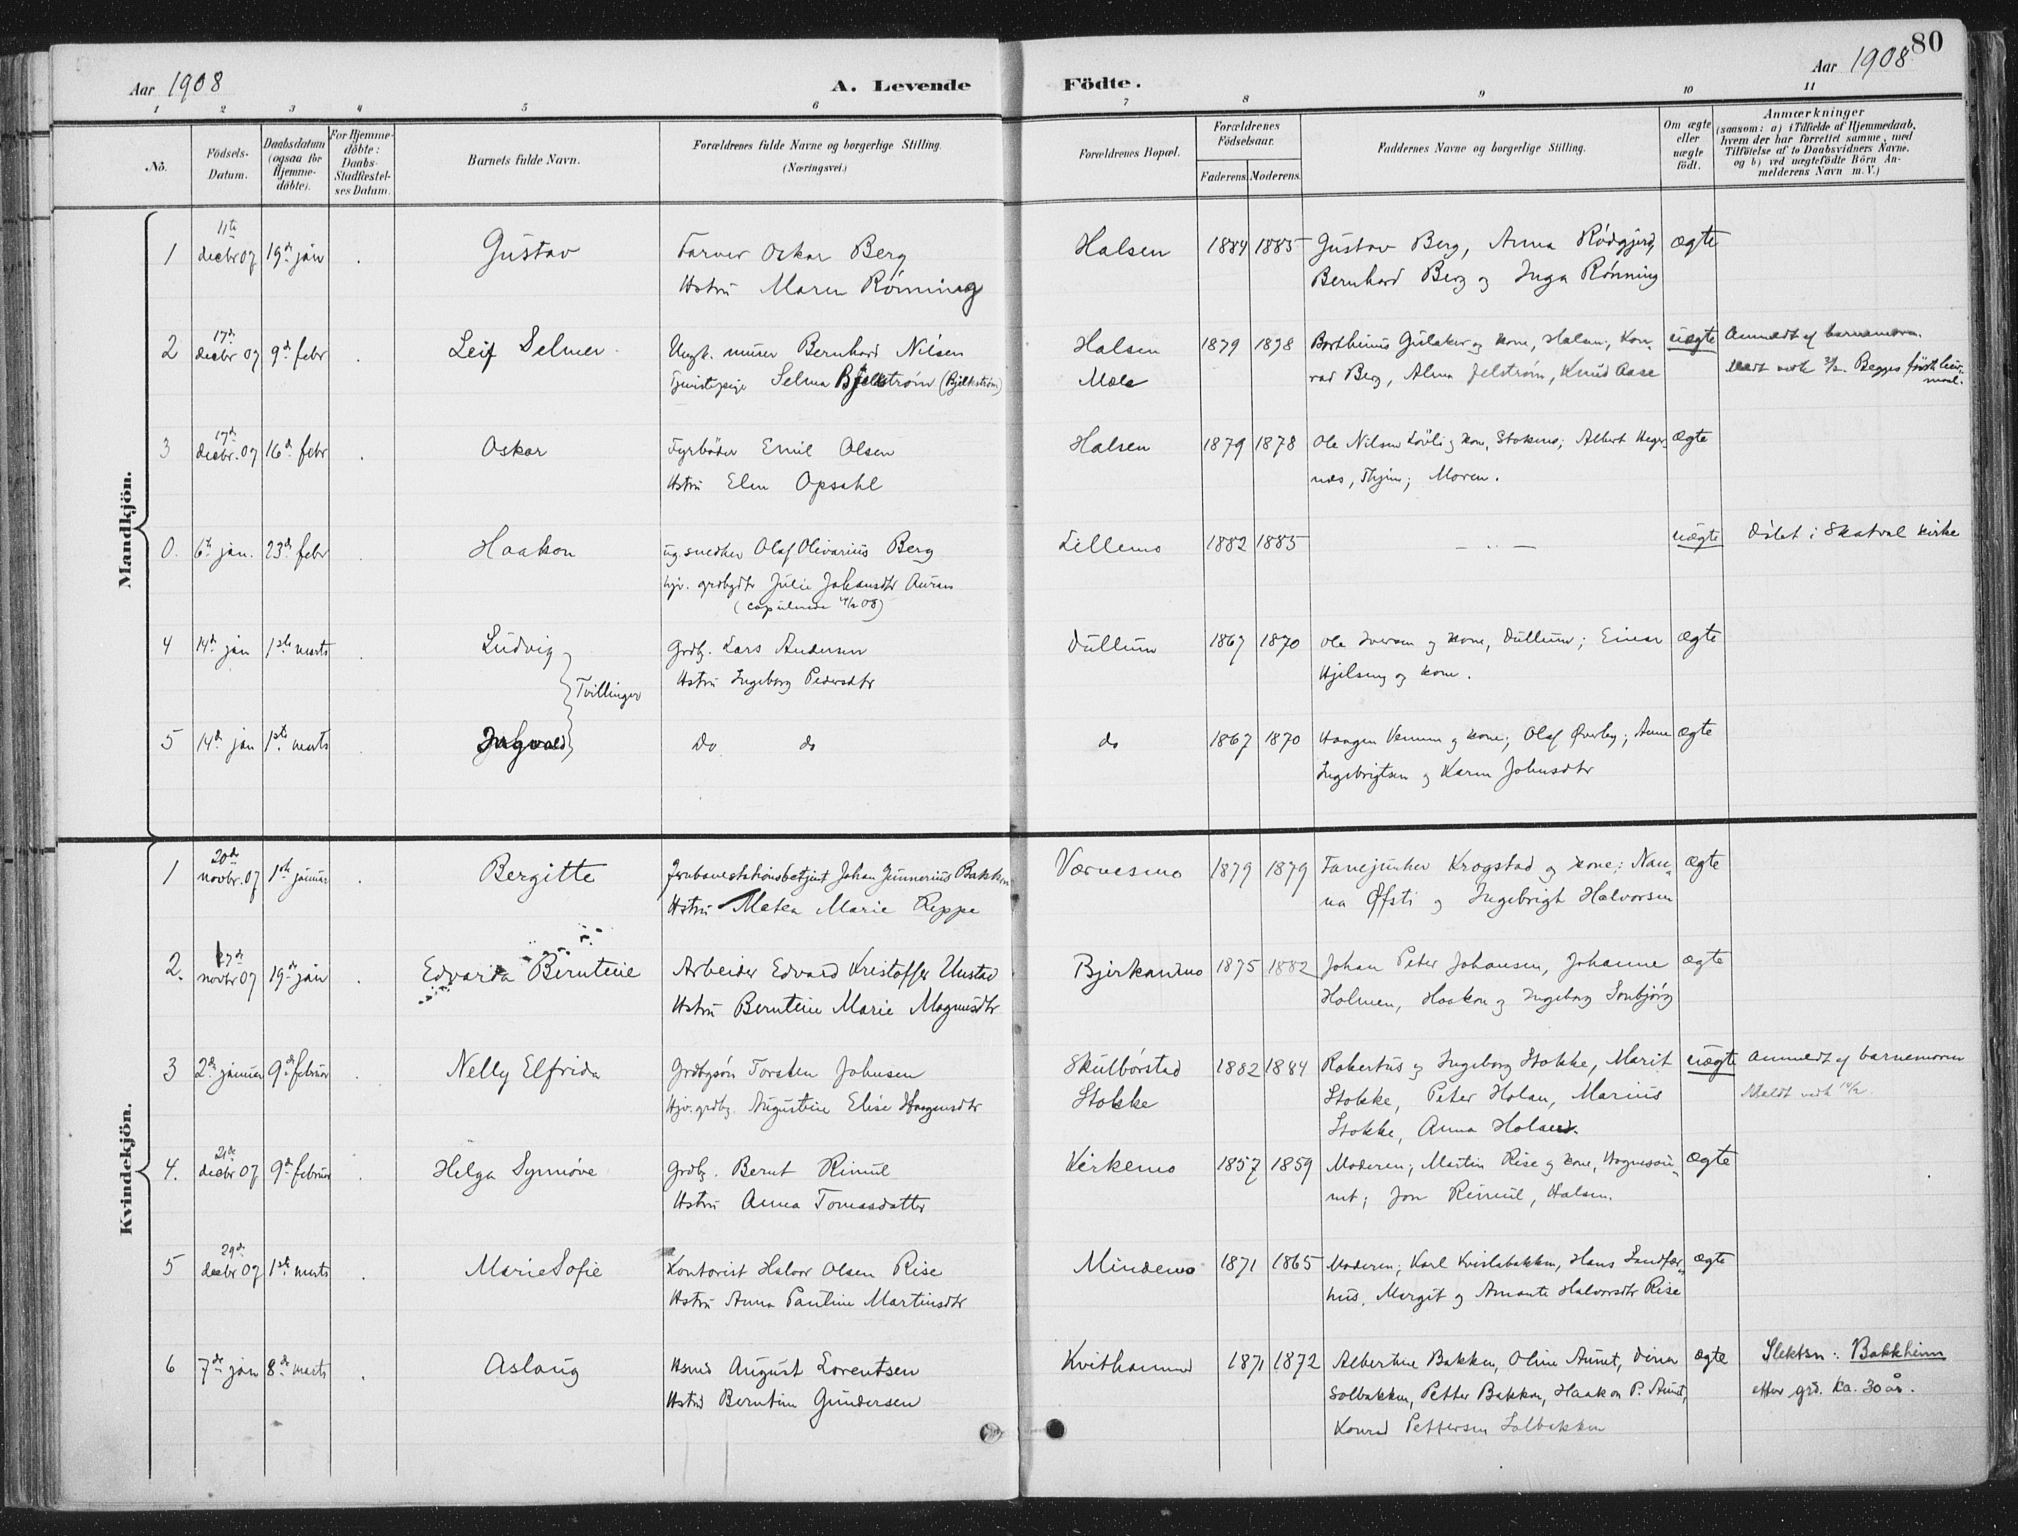 SAT, Ministerialprotokoller, klokkerbøker og fødselsregistre - Nord-Trøndelag, 709/L0082: Ministerialbok nr. 709A22, 1896-1916, s. 80